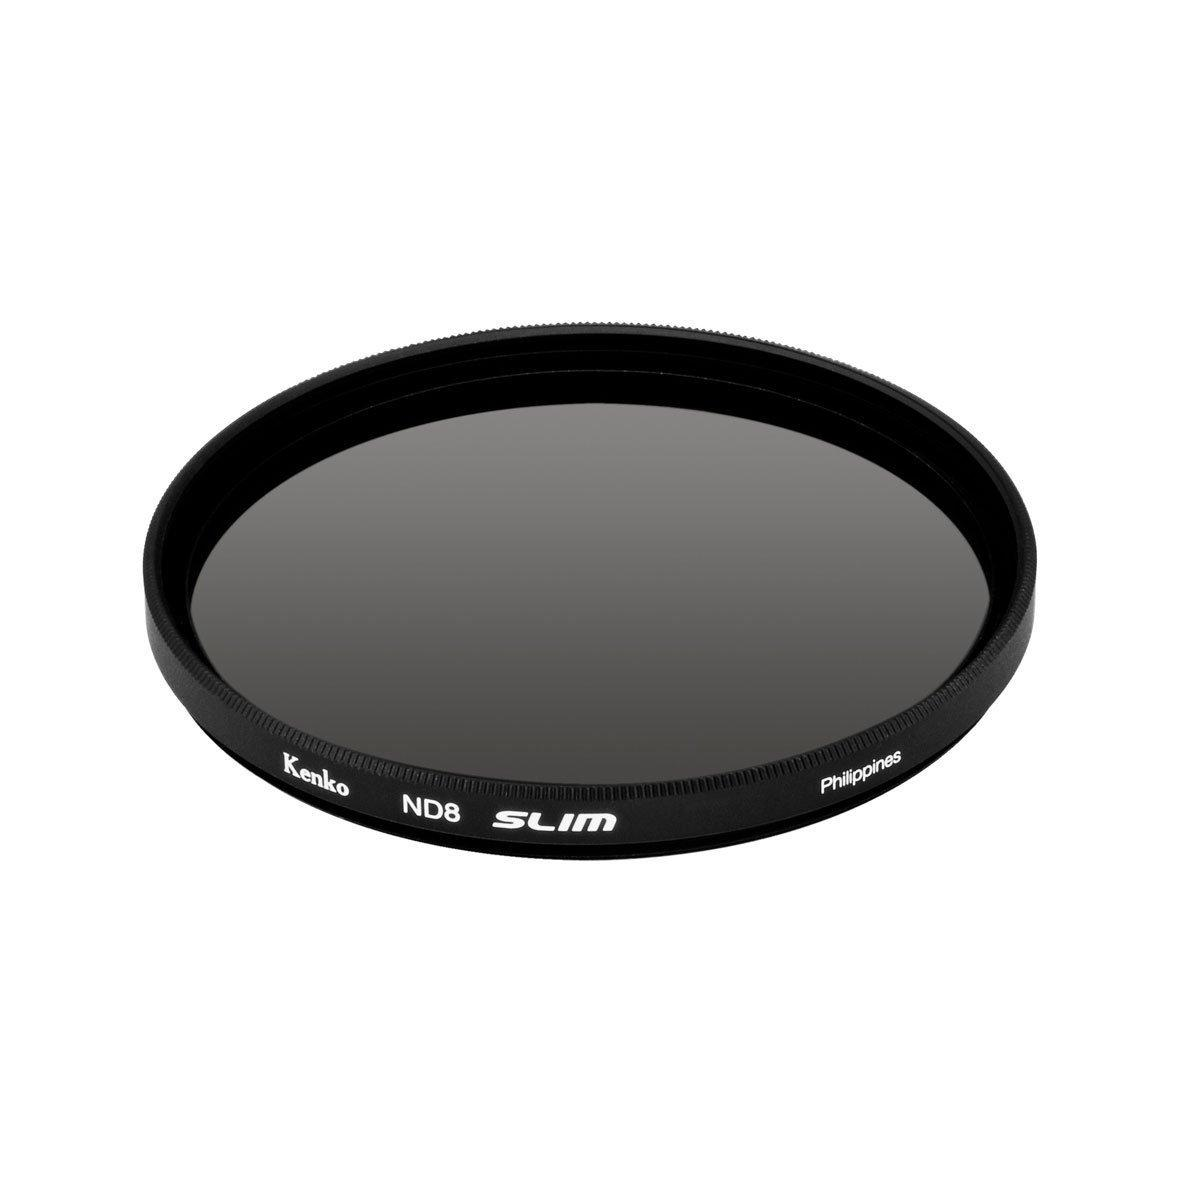 Kenko Filter ND8 SLIM 55mm